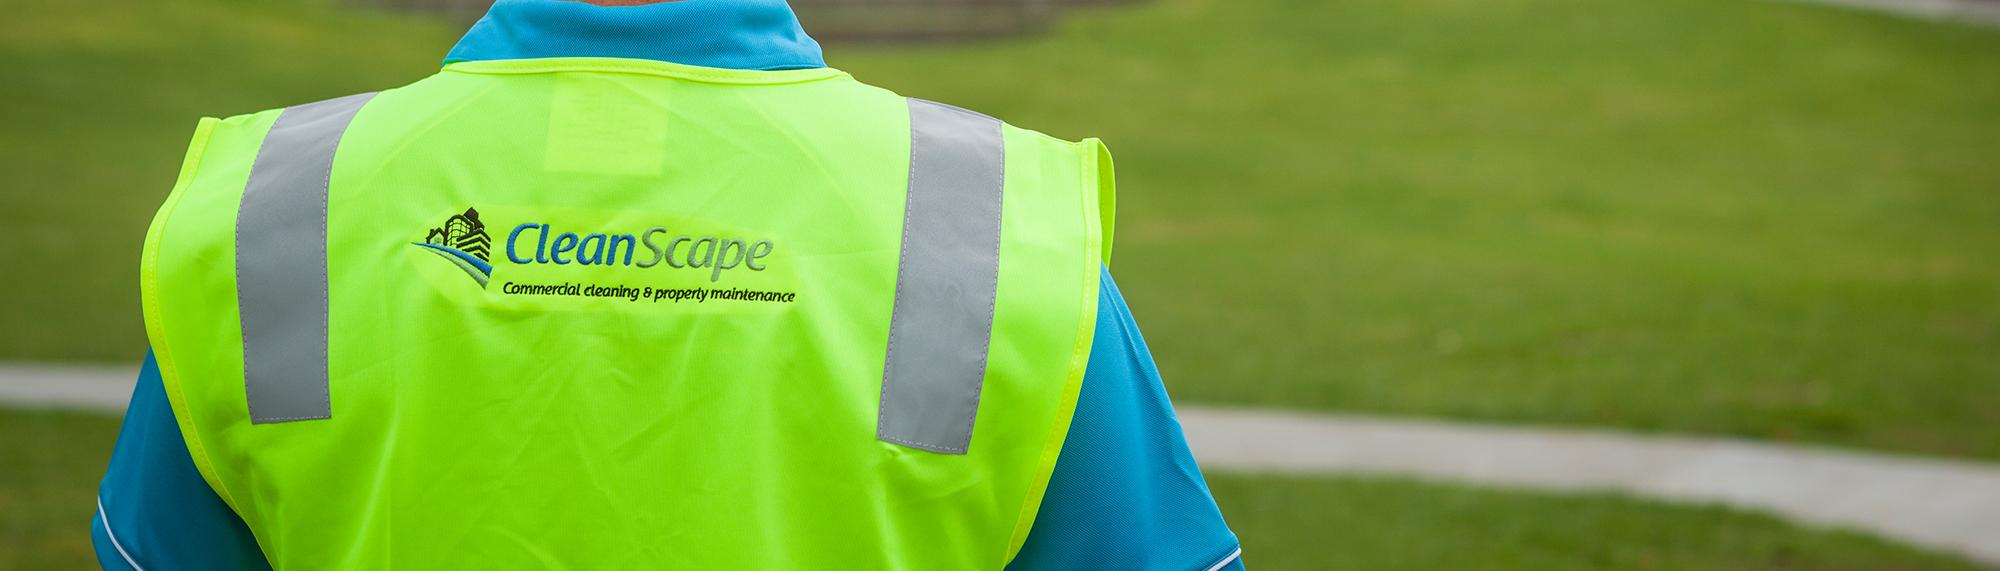 cleanscape-uniform